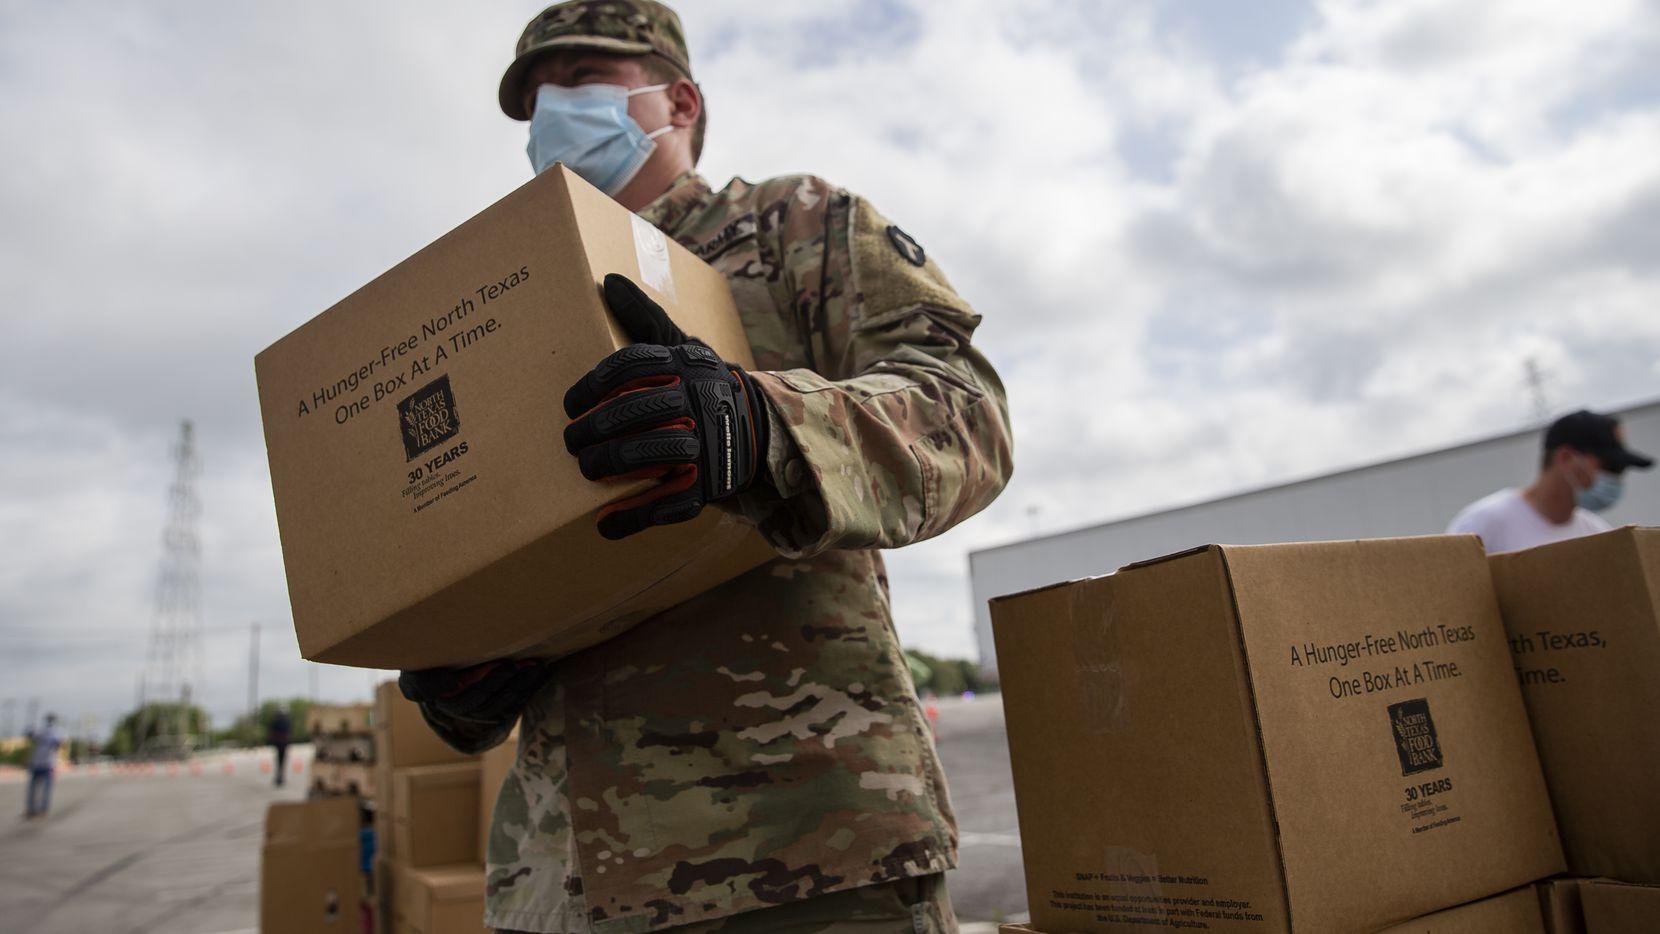 Más de 250 integrantes de la Guardia Nacional estaban ayudando en la repartición de comida del North Texas Food Bank, pero fueron desplegados para ayudar con la seguridad en las ciudades debido a actos de violencia durante las protestas recientes.